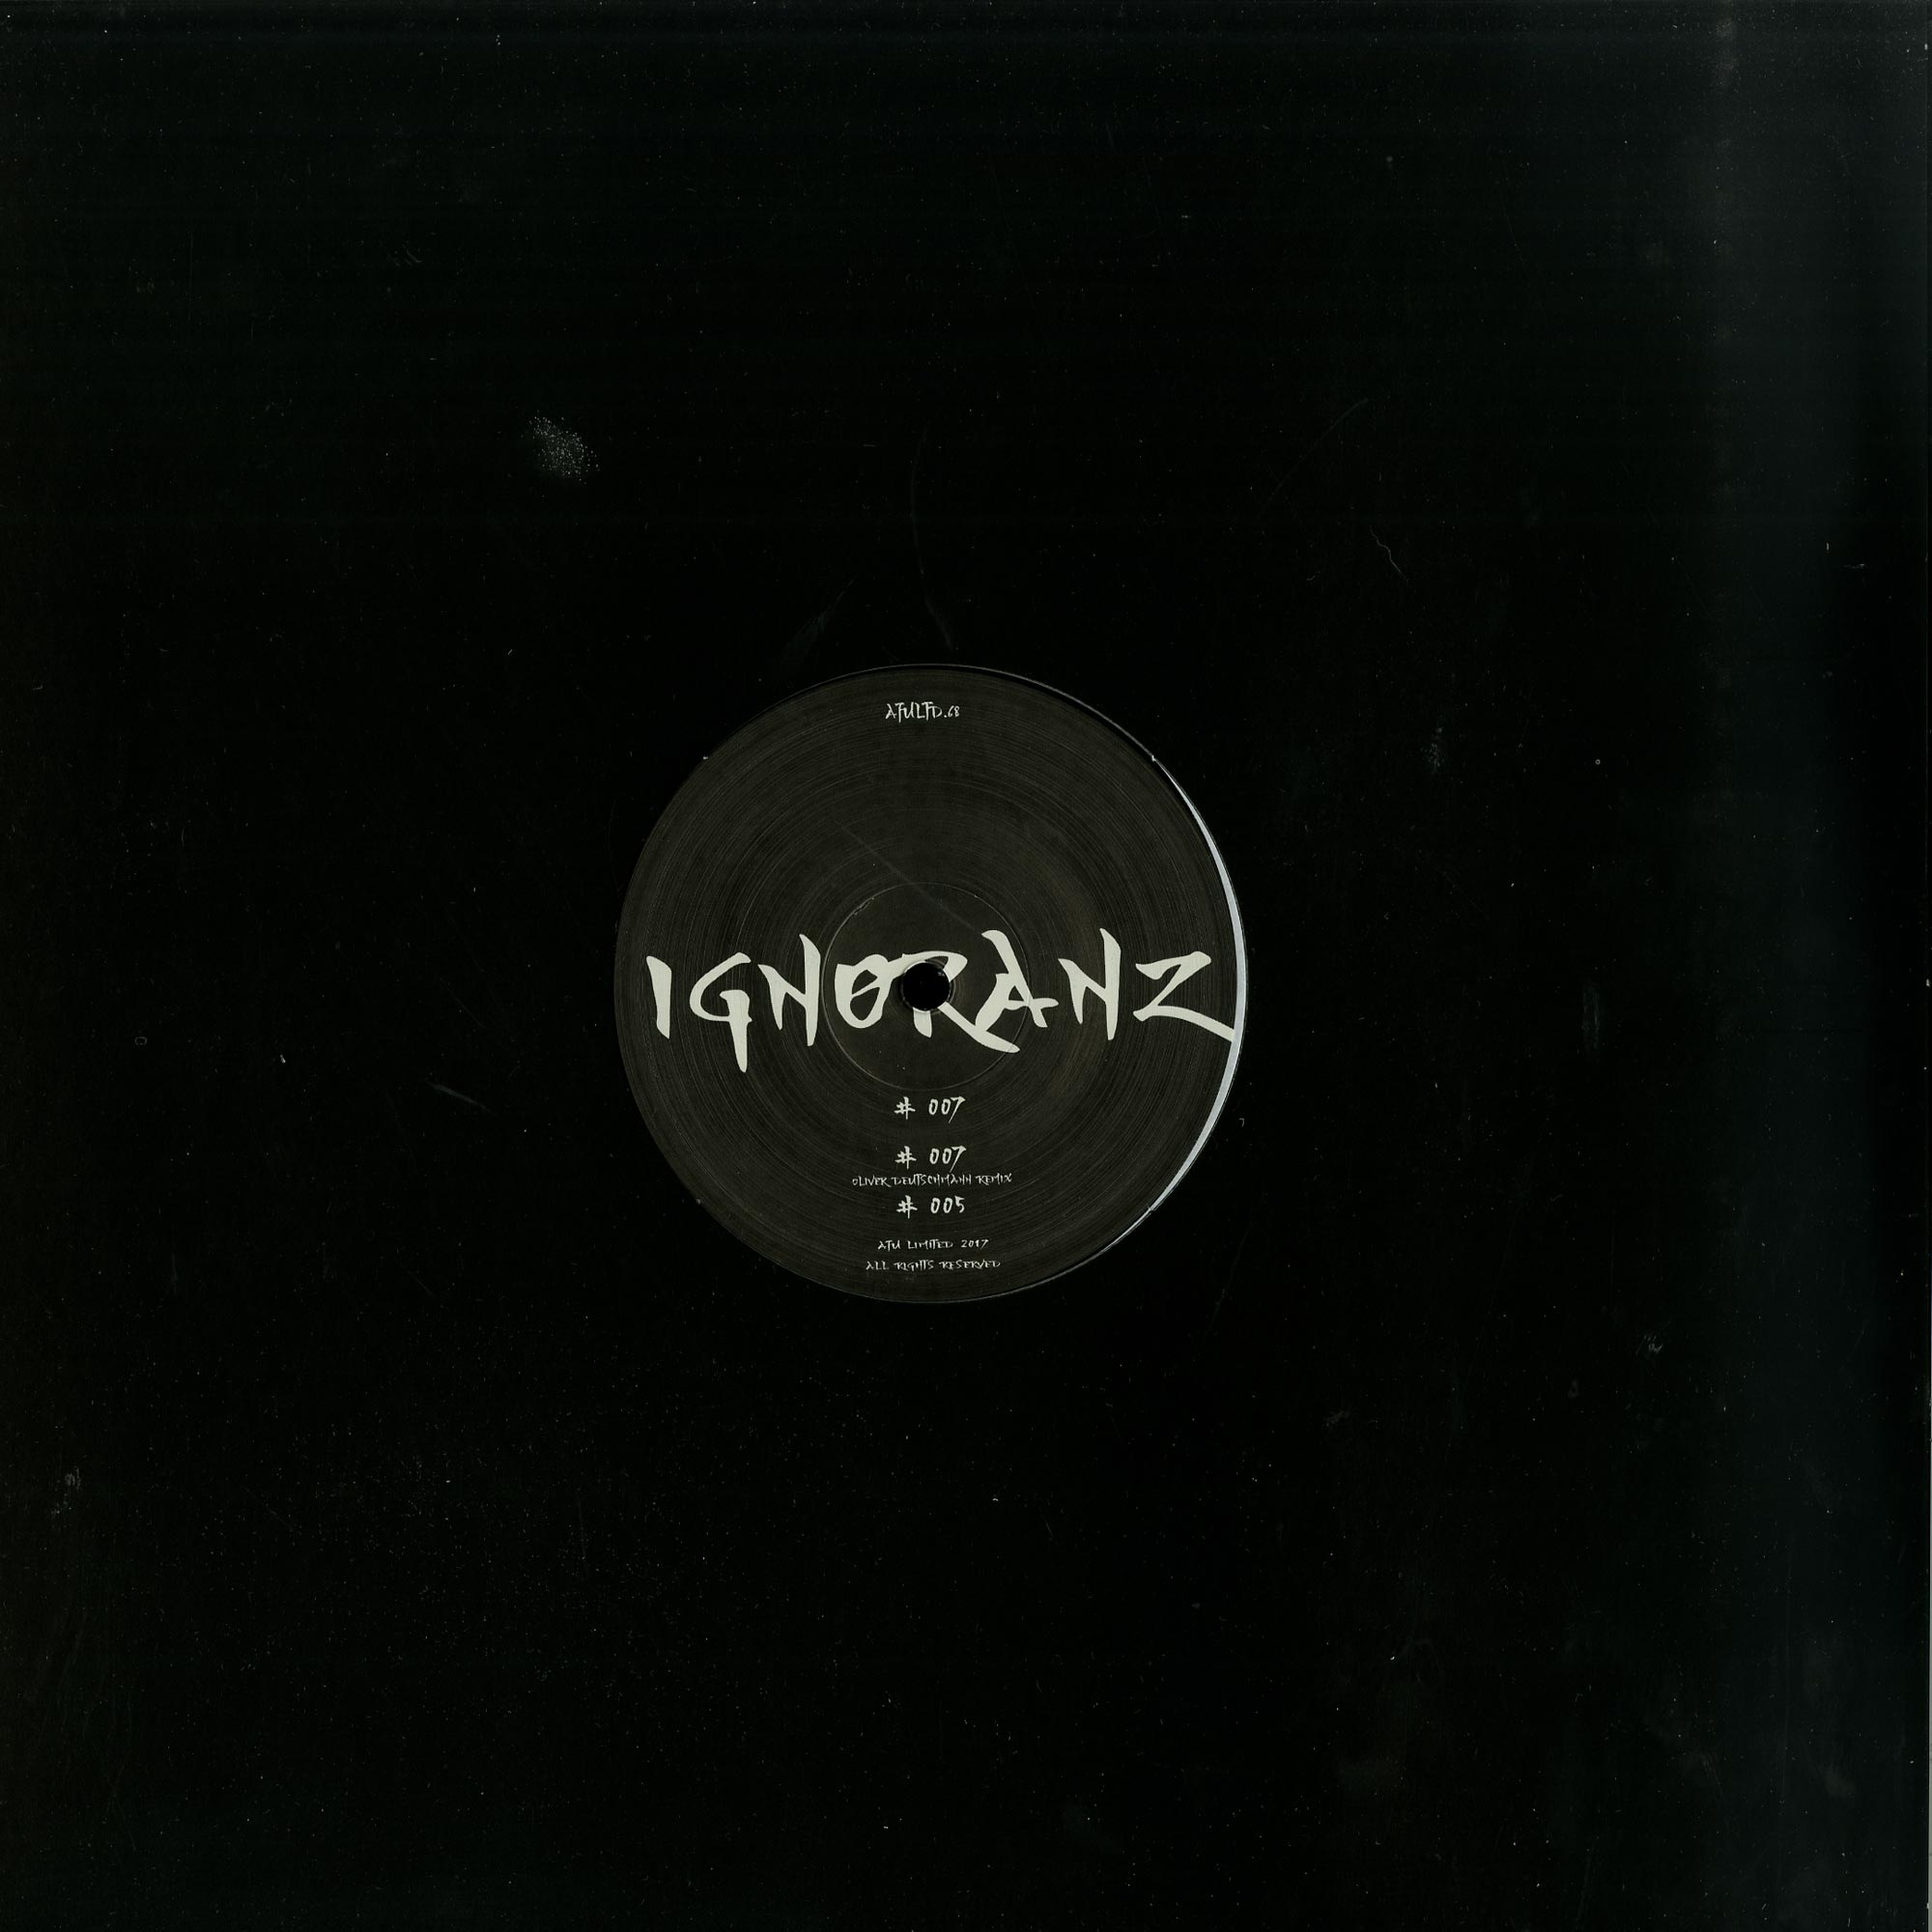 Ignoranz - 7